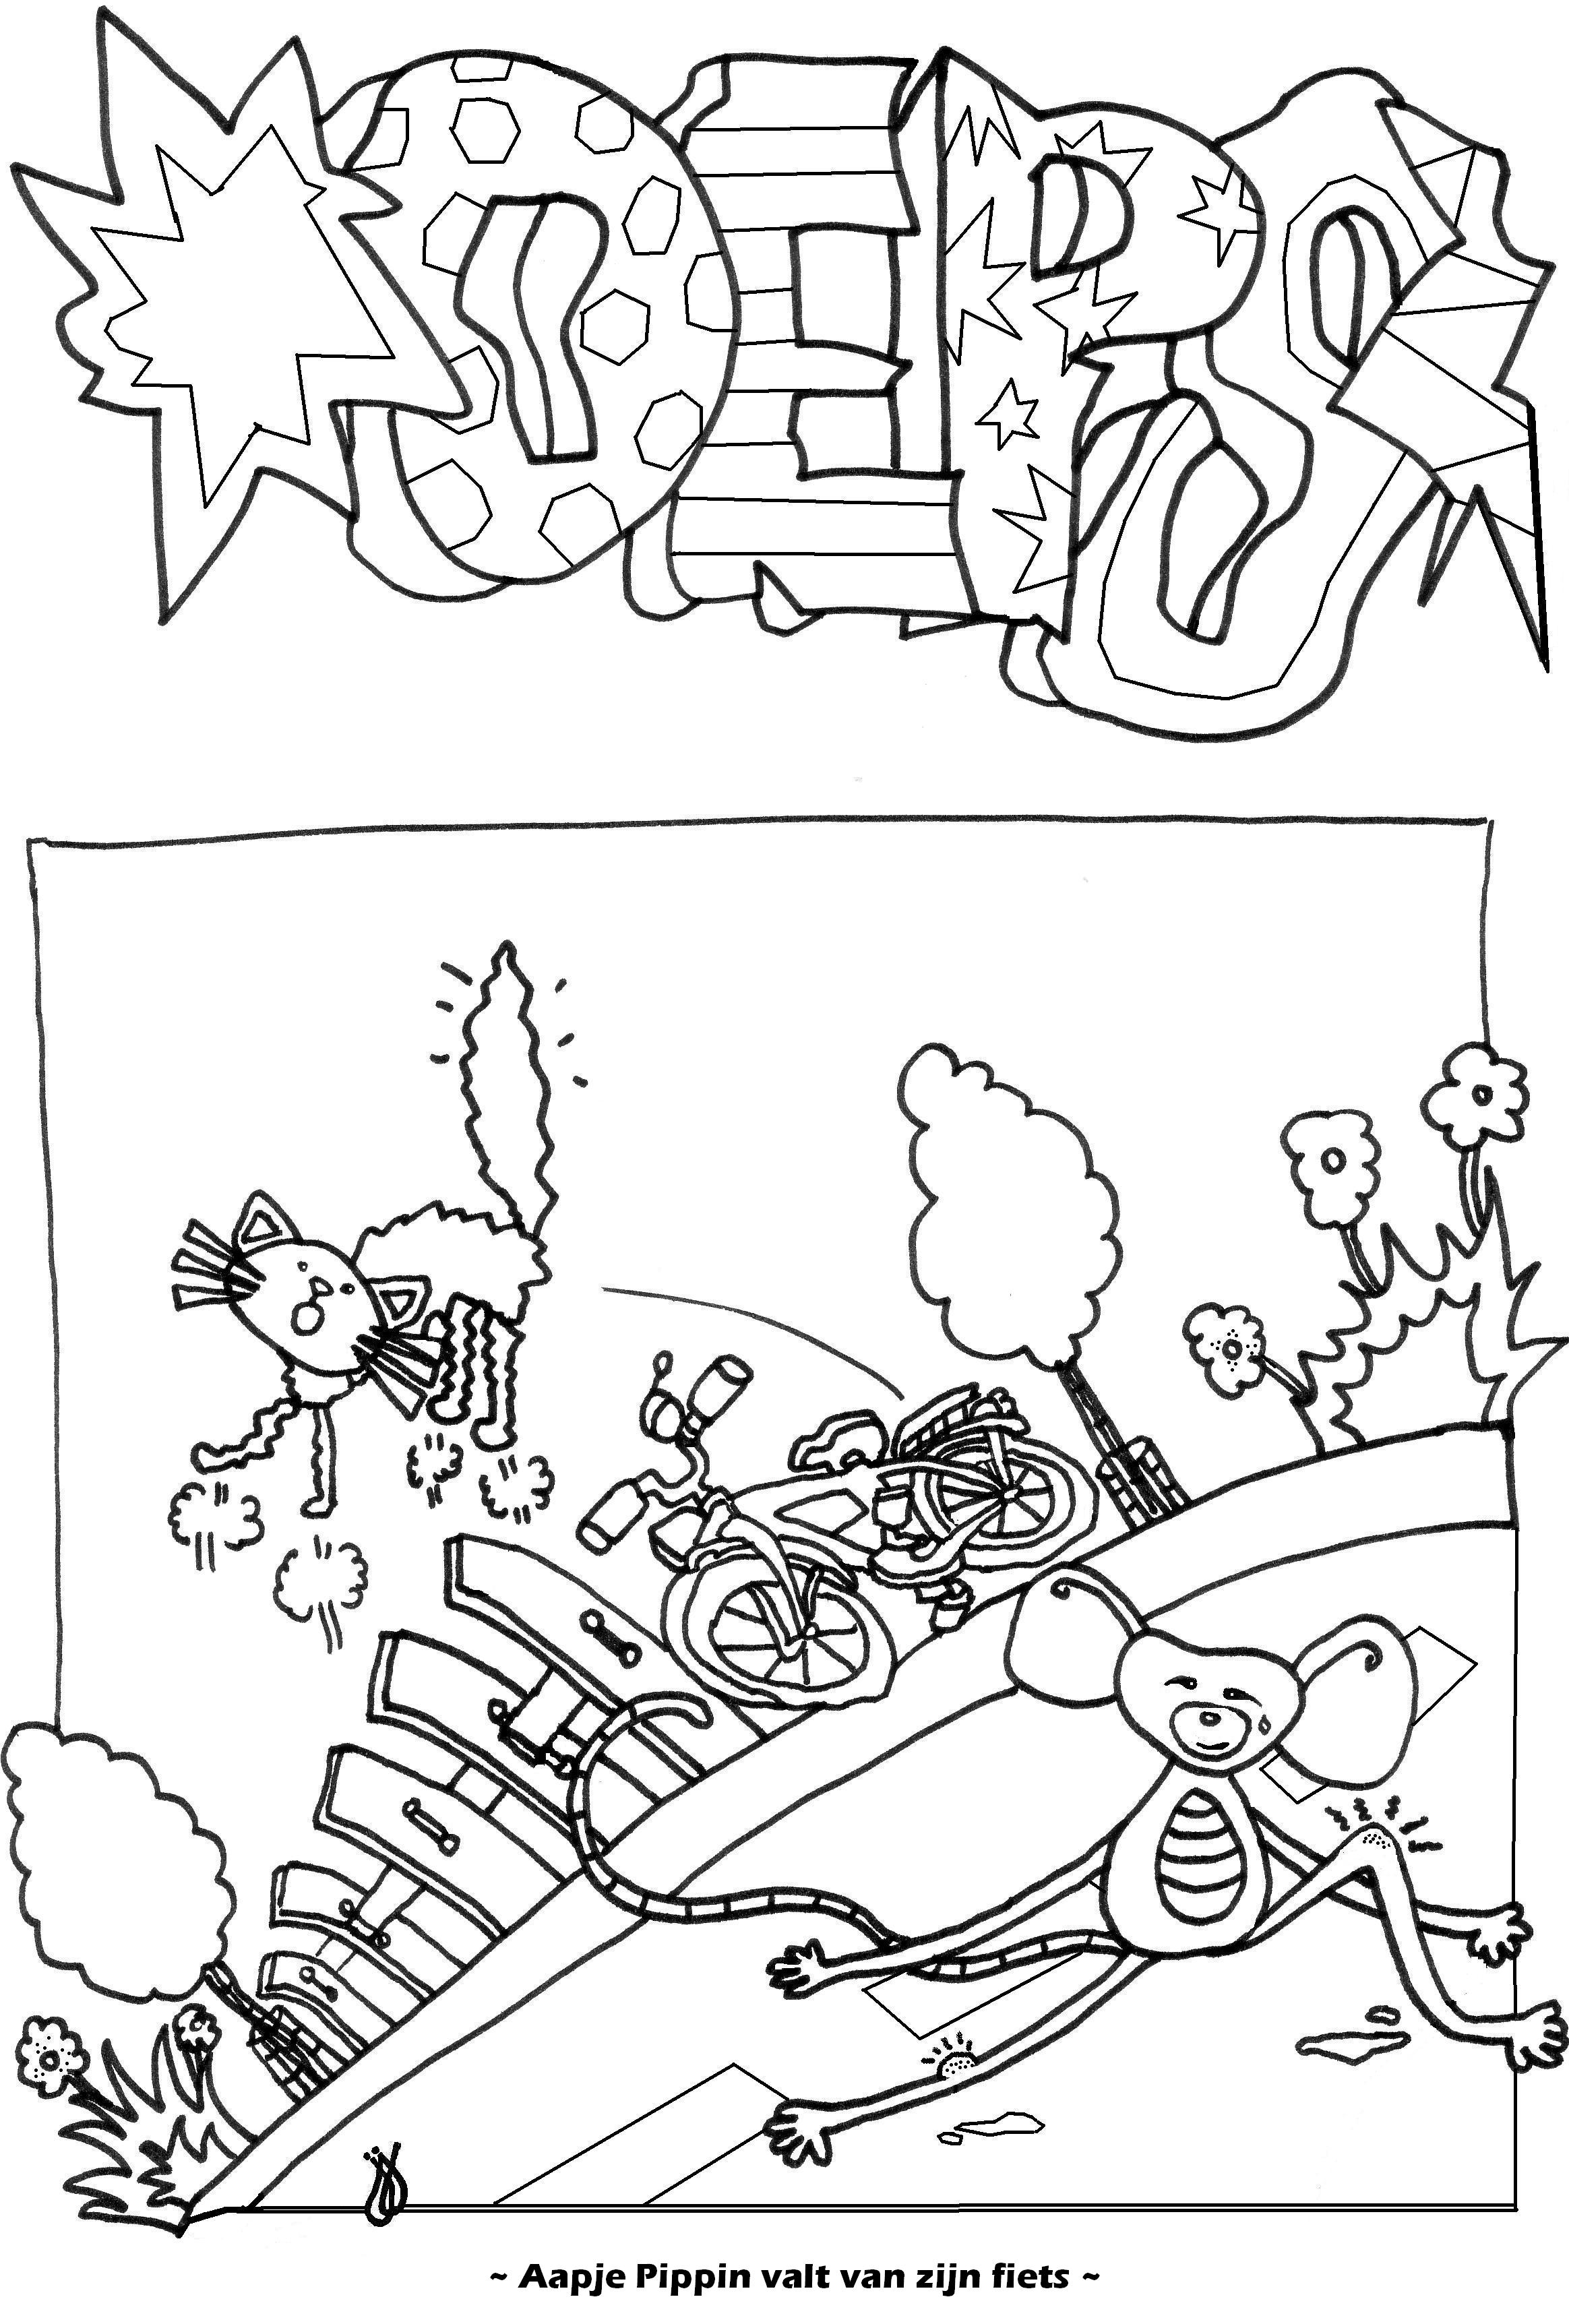 Aapje Pippin valt van zijn fiets